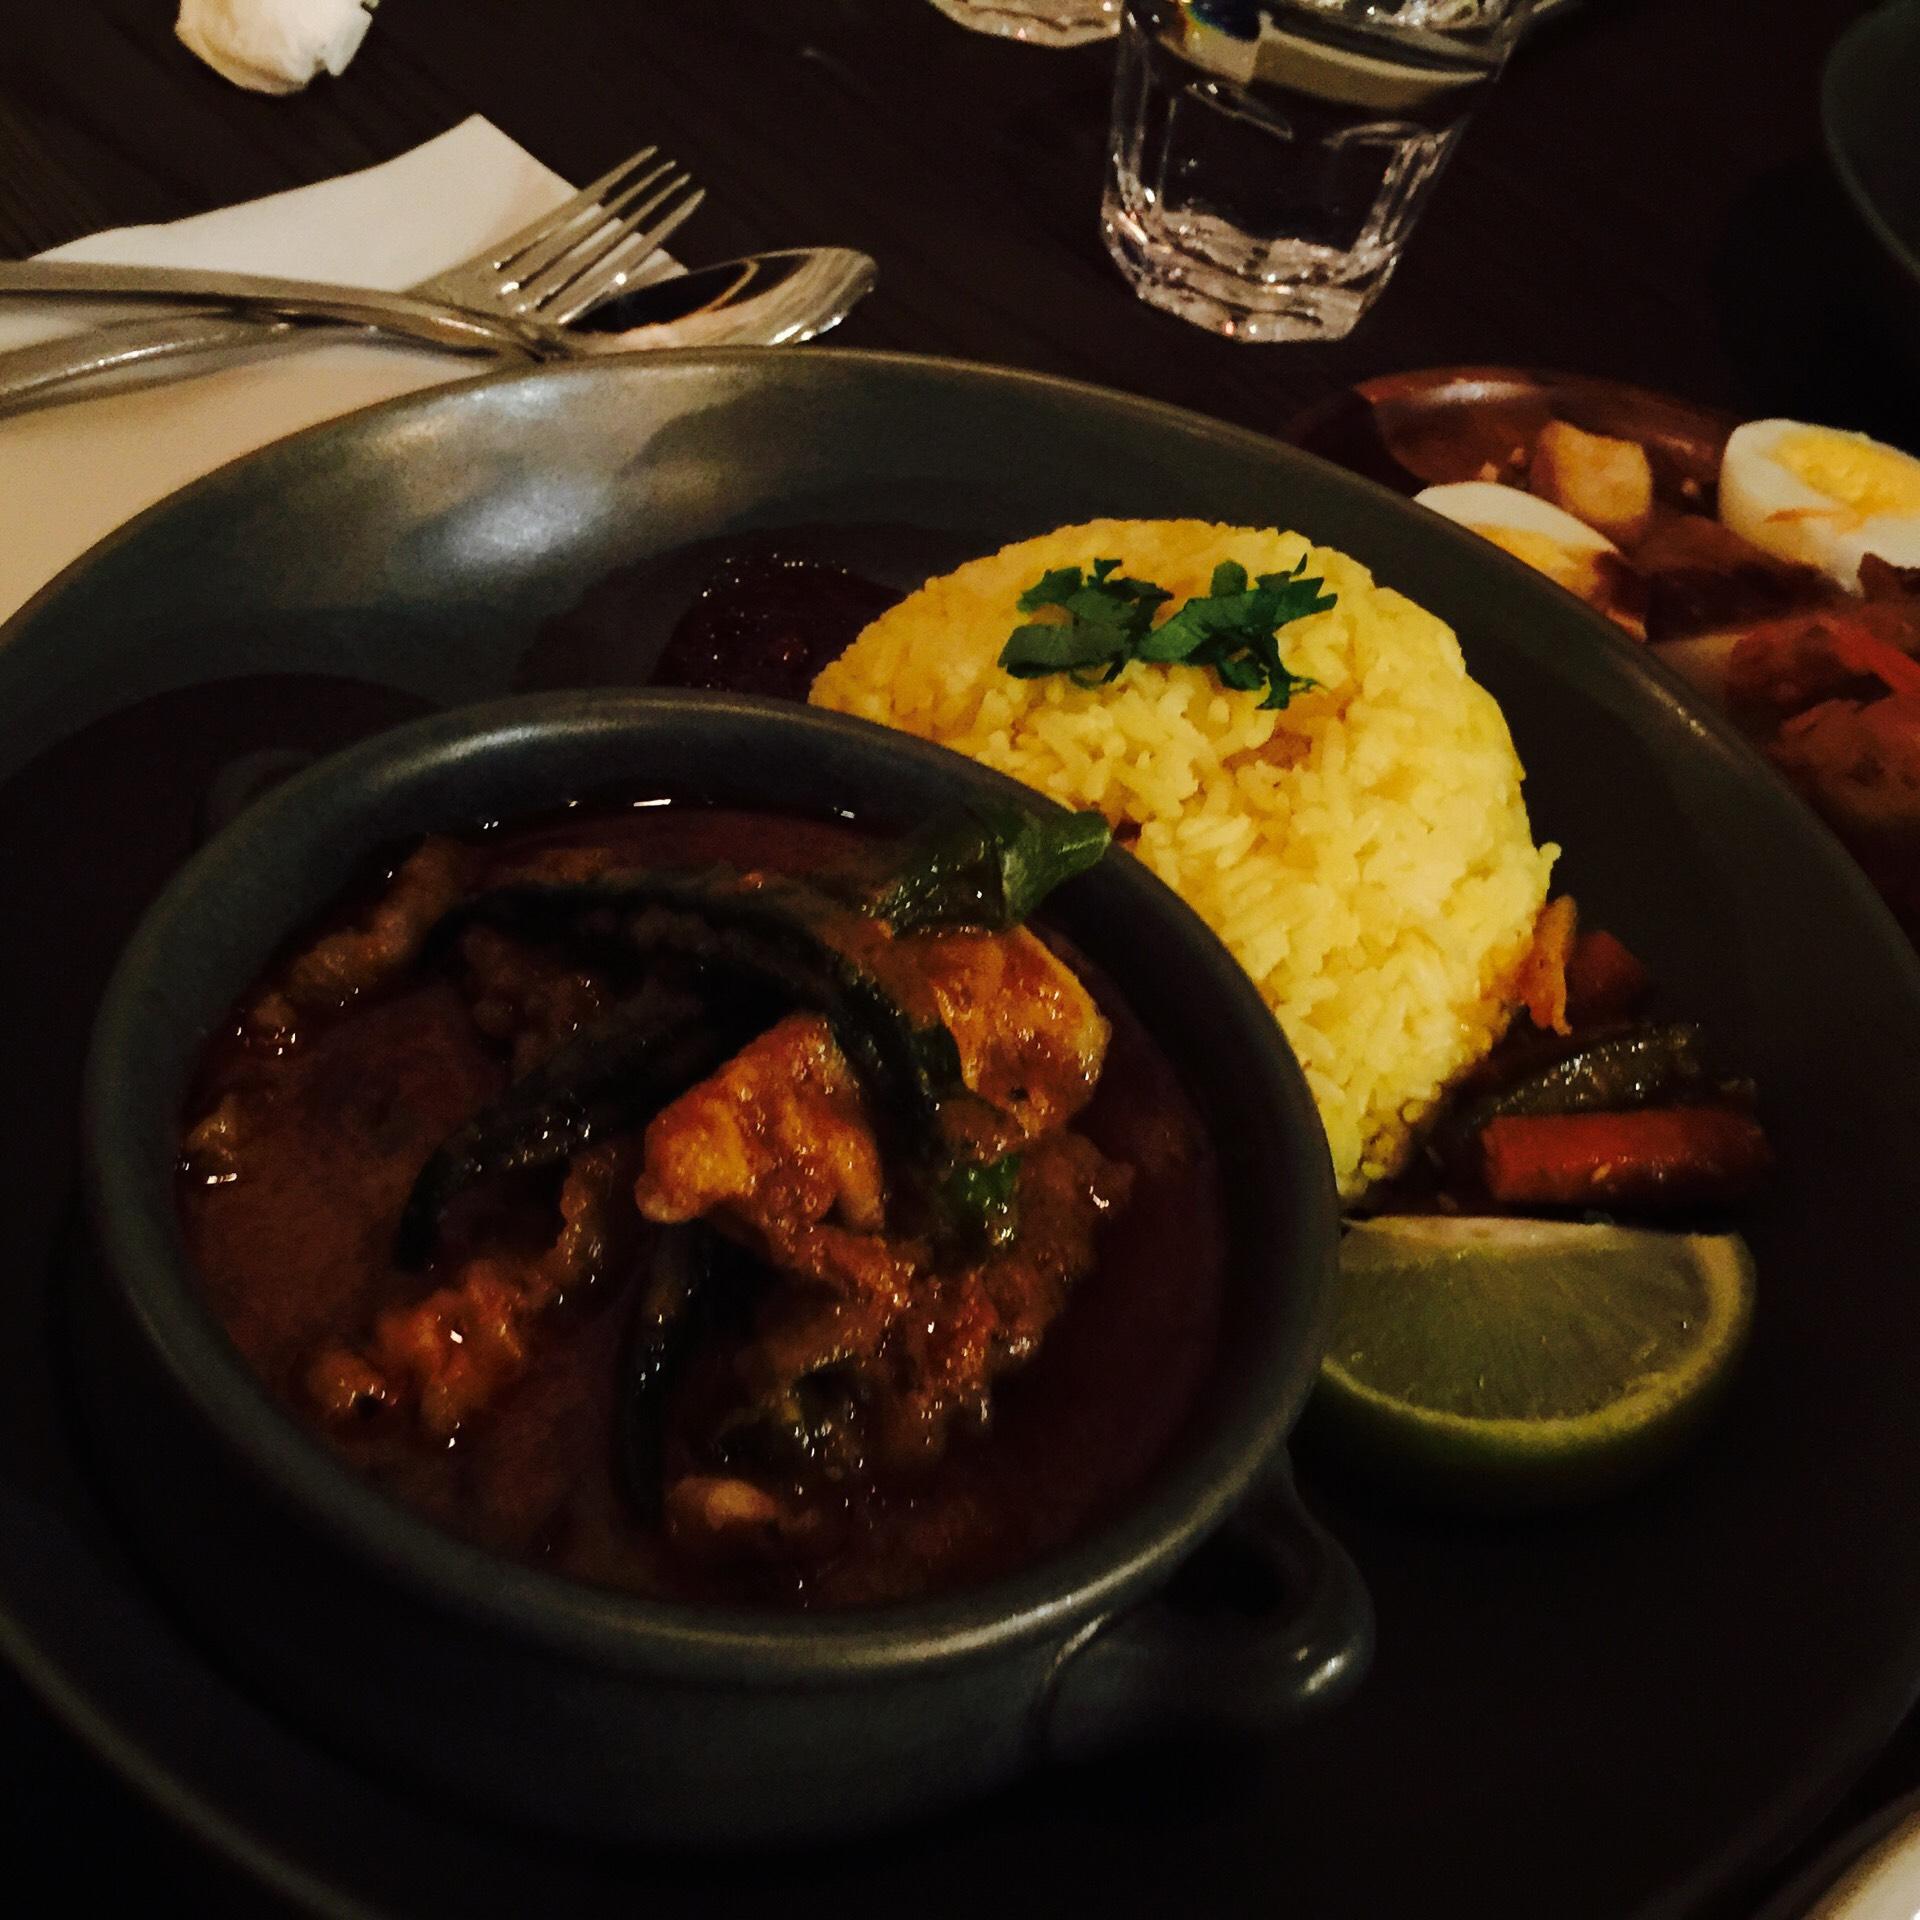 Curry assam fish at Nasi Lemak Korner